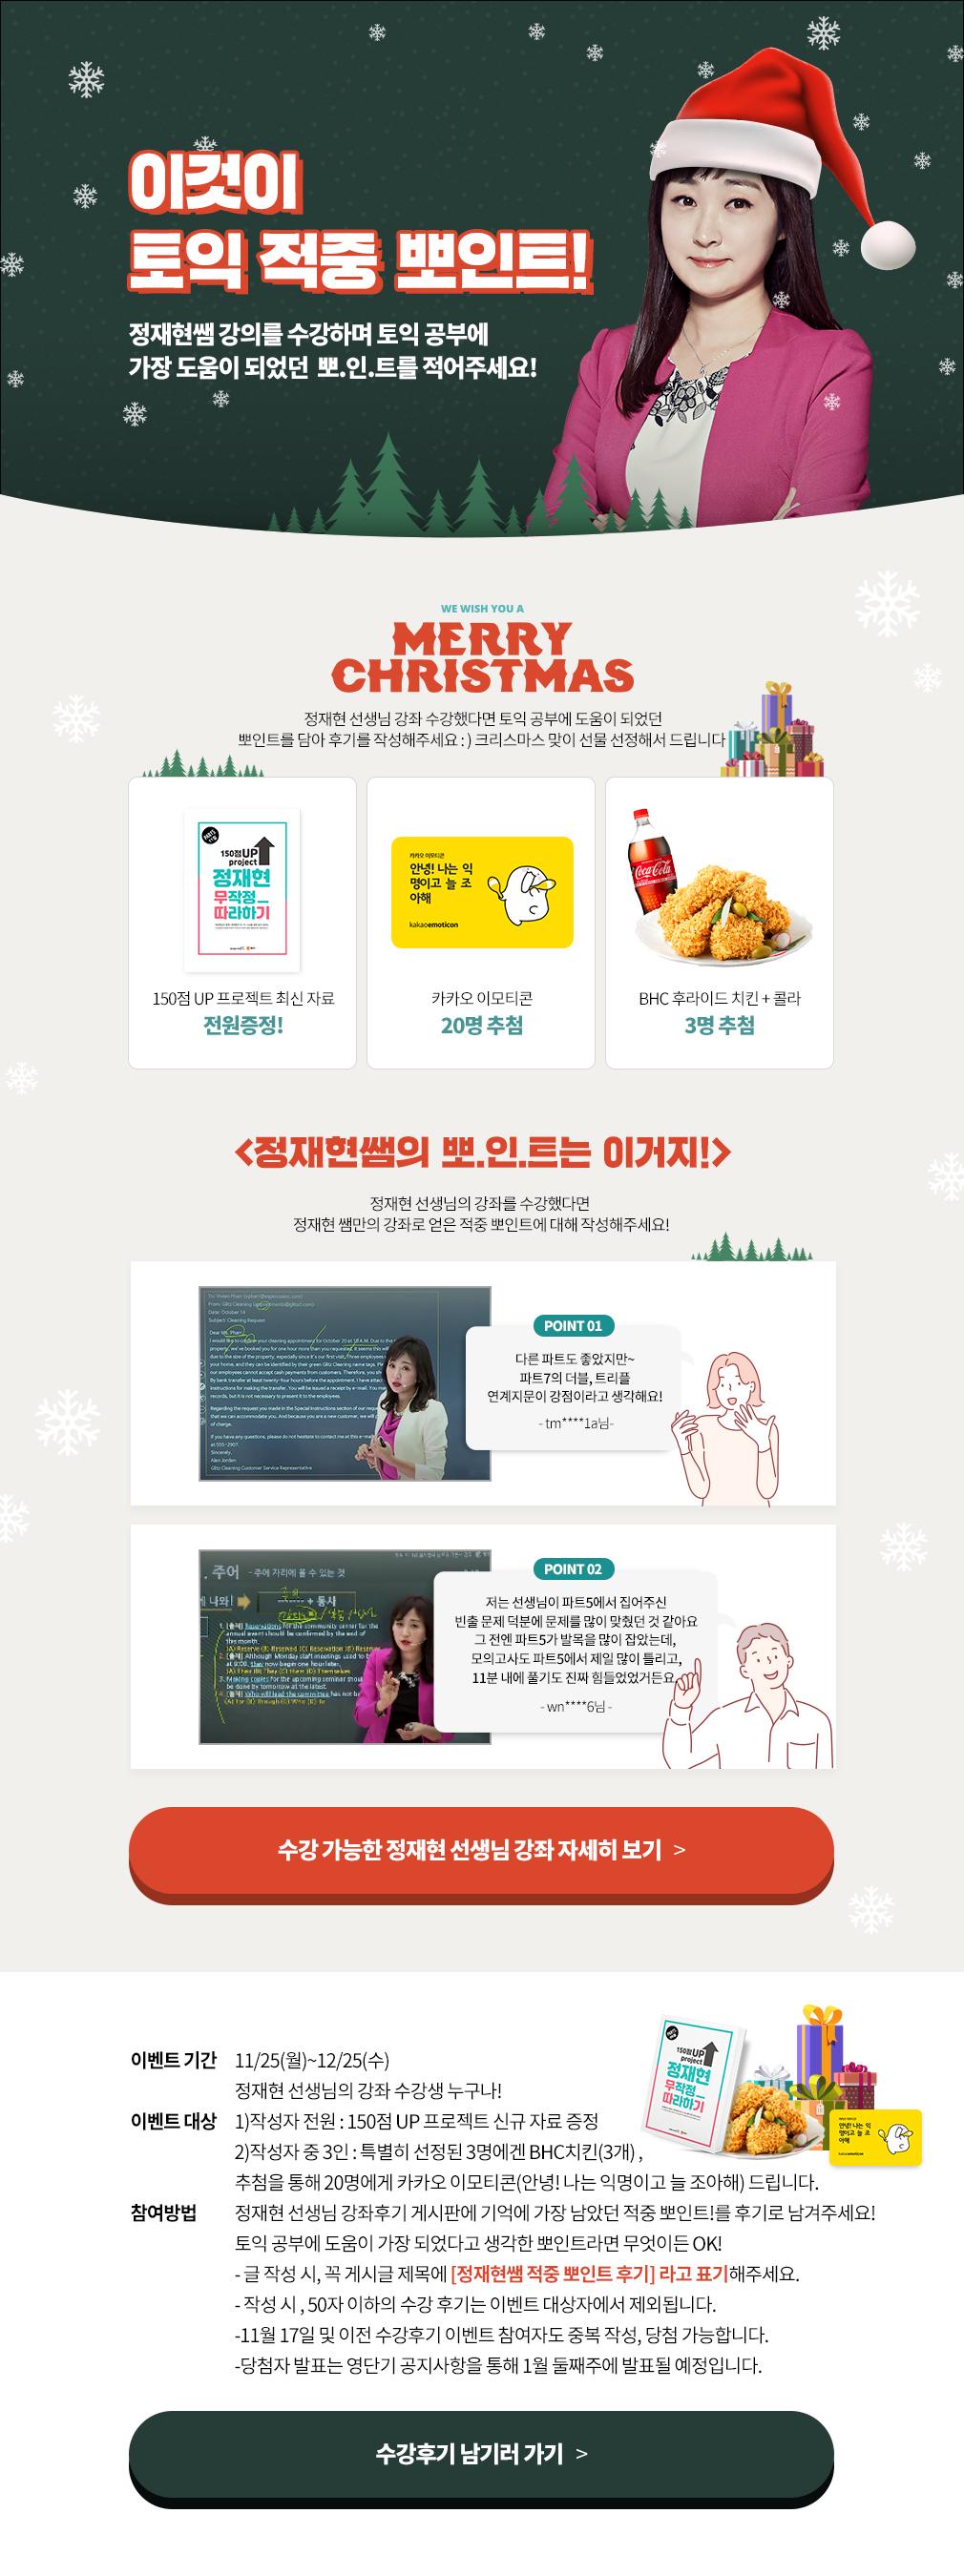 정재현 적중뽀인트 수강후기 이벤트